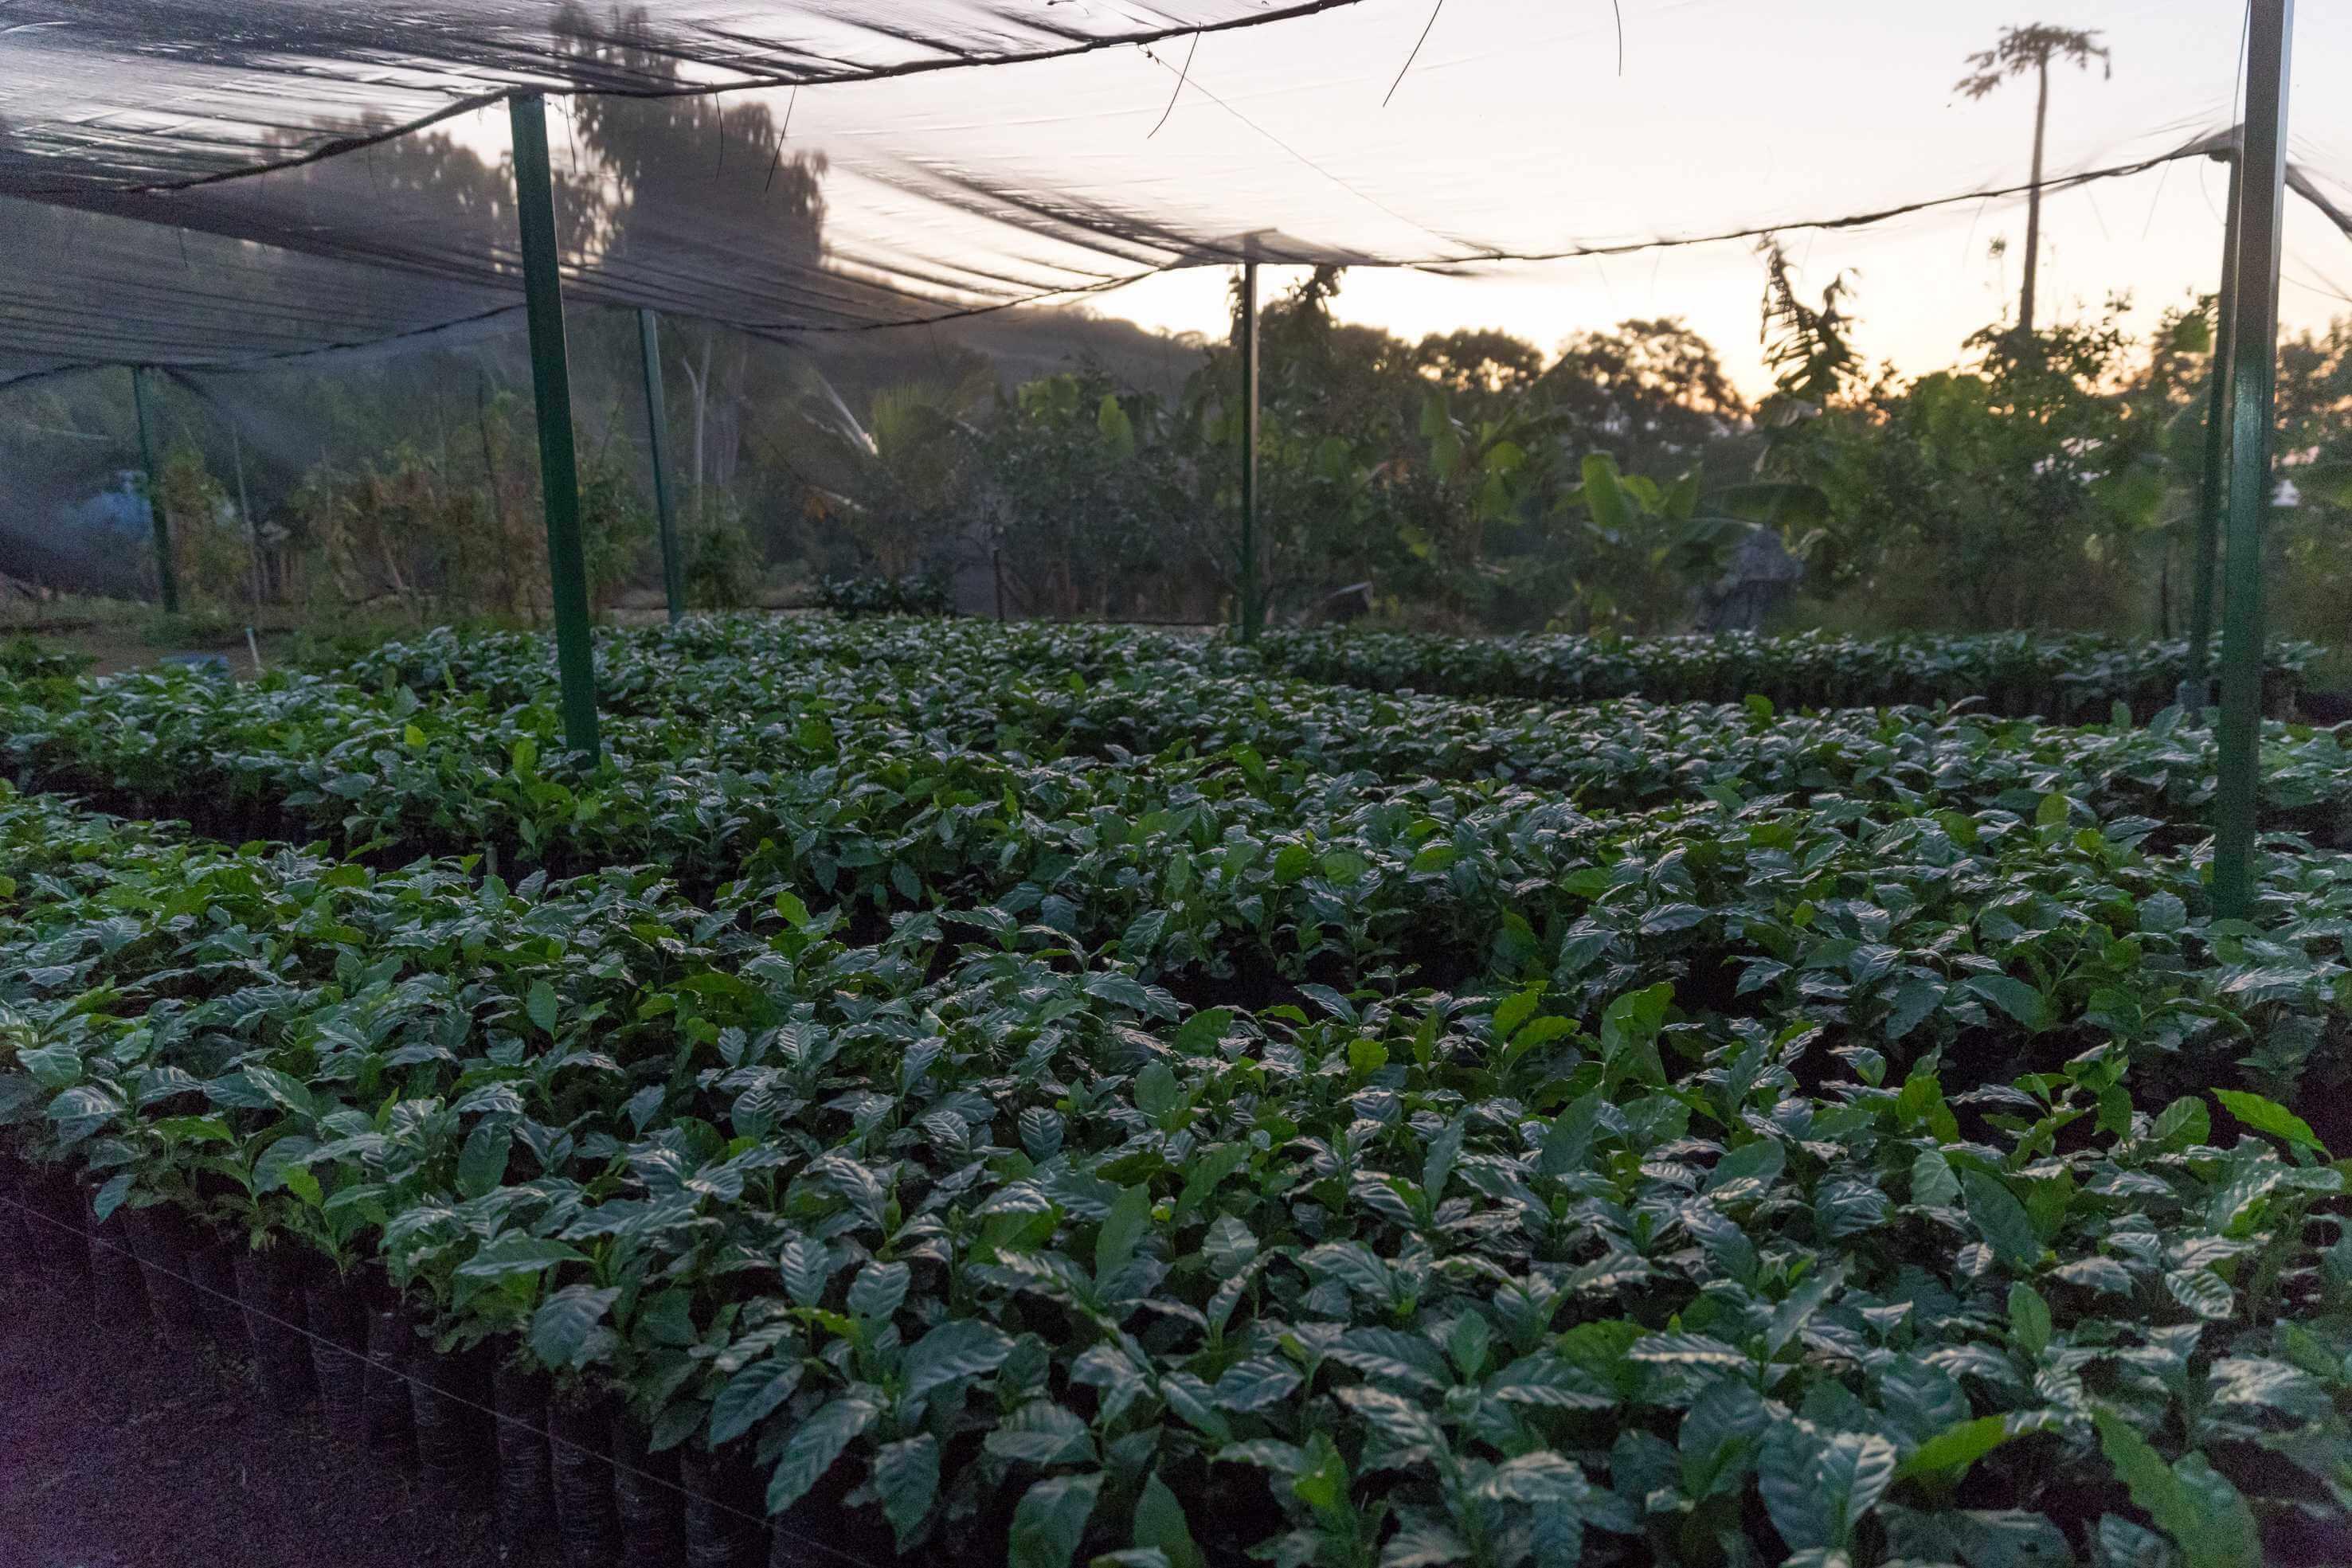 Junge Kaffeepflanzen unter Netzen, die Schatten spenden. Nursery für Kaffeepflanzen in Chinameca.